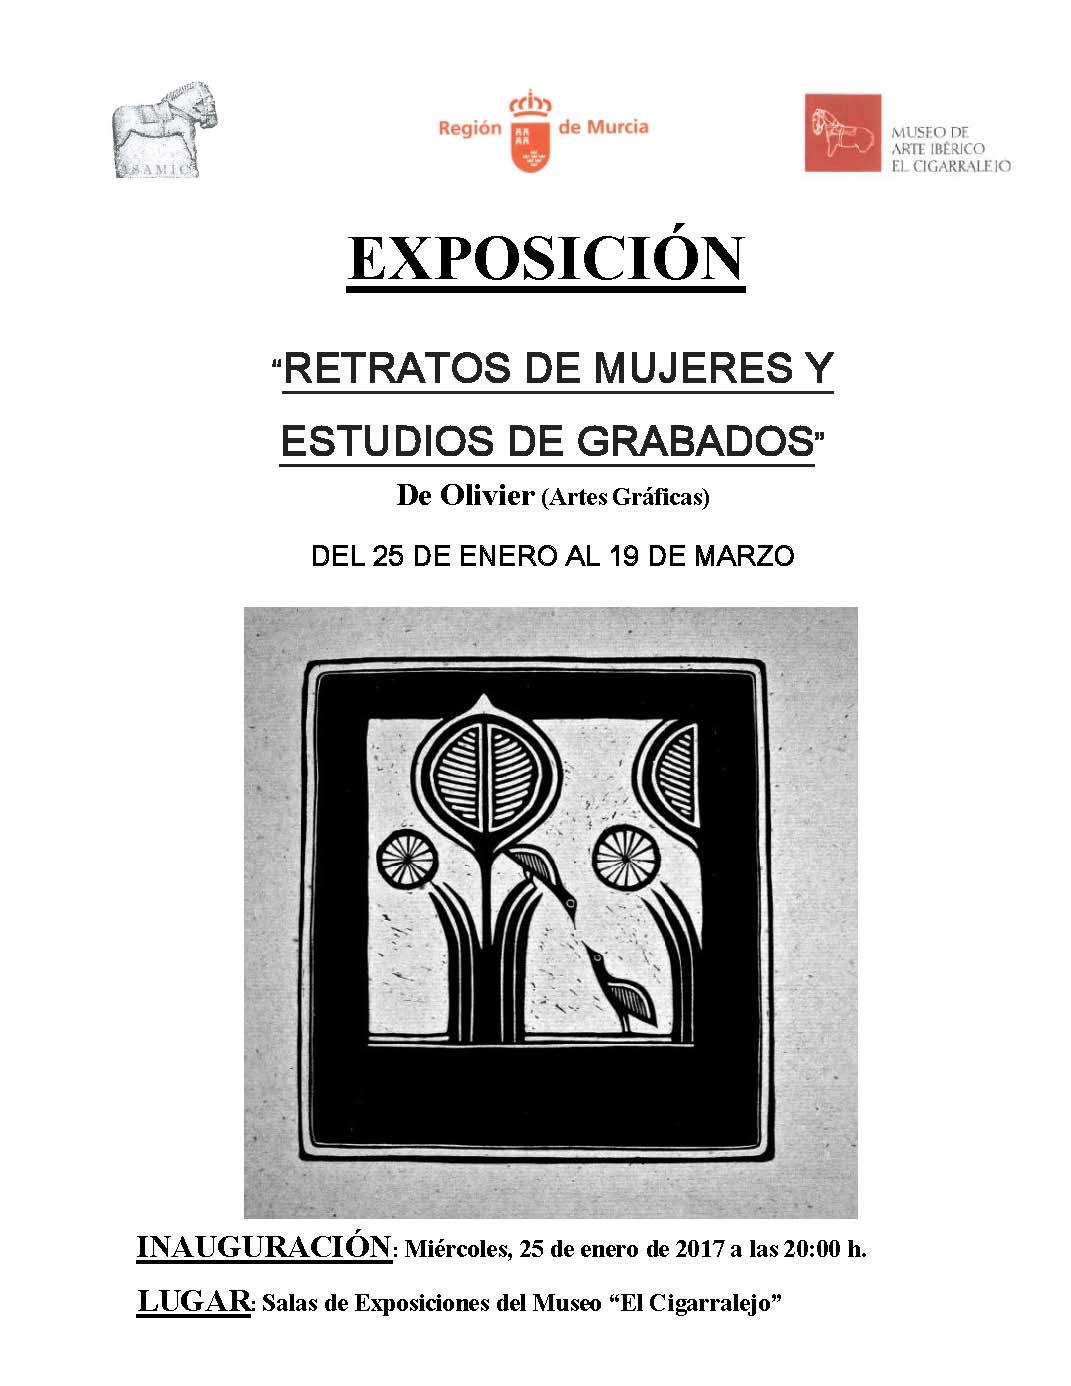 exposición retratos de mujeres y estudios de grabados enero marzo 2017